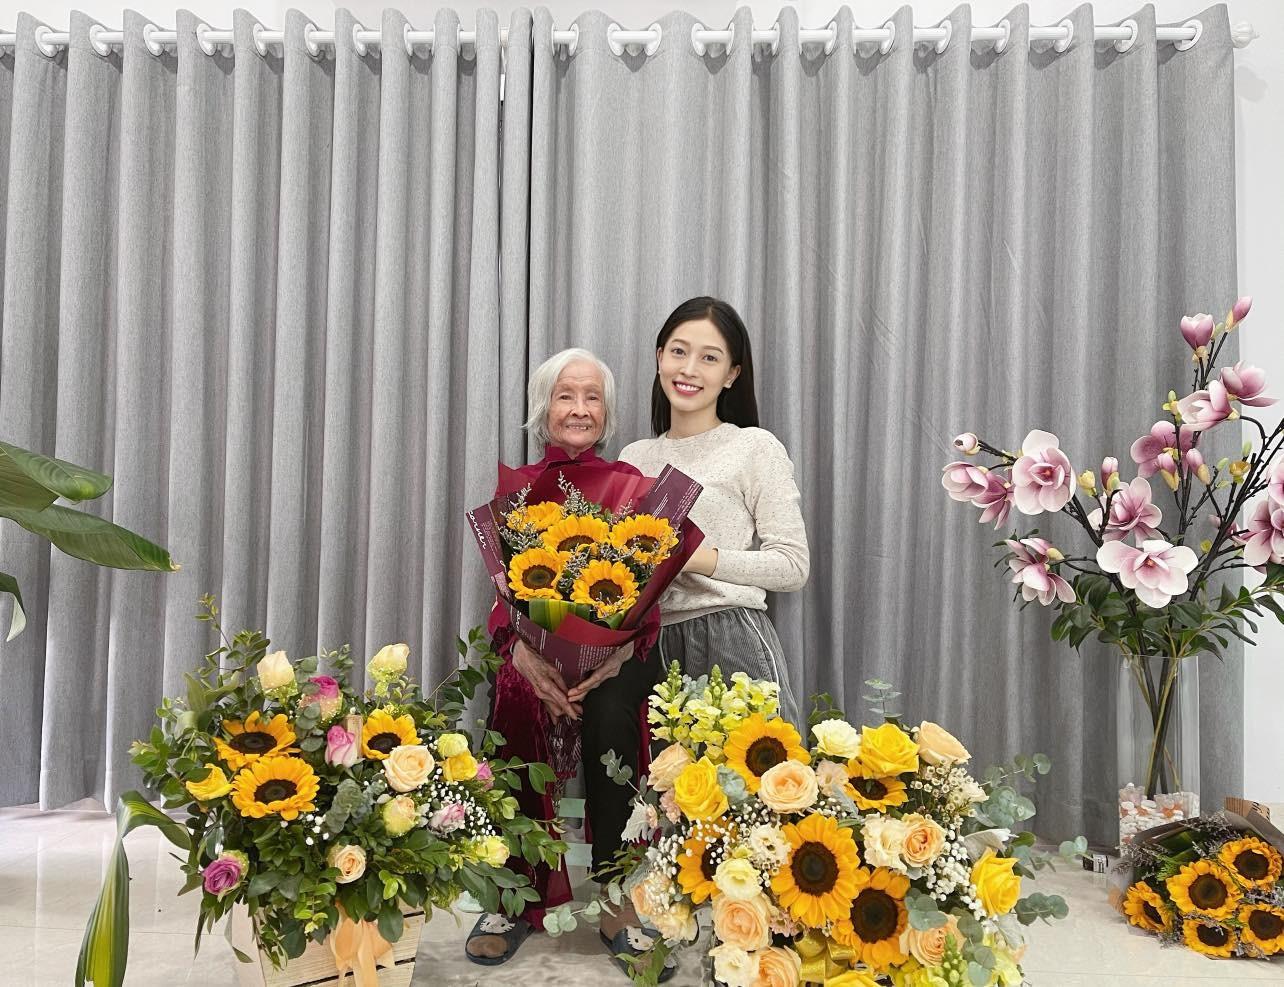 Hoa hậu Thuỳ Dung tái xuất xinh đẹp, Lương Thuỳ Linh diện áo dài đính kết lạ mắt ảnh 11